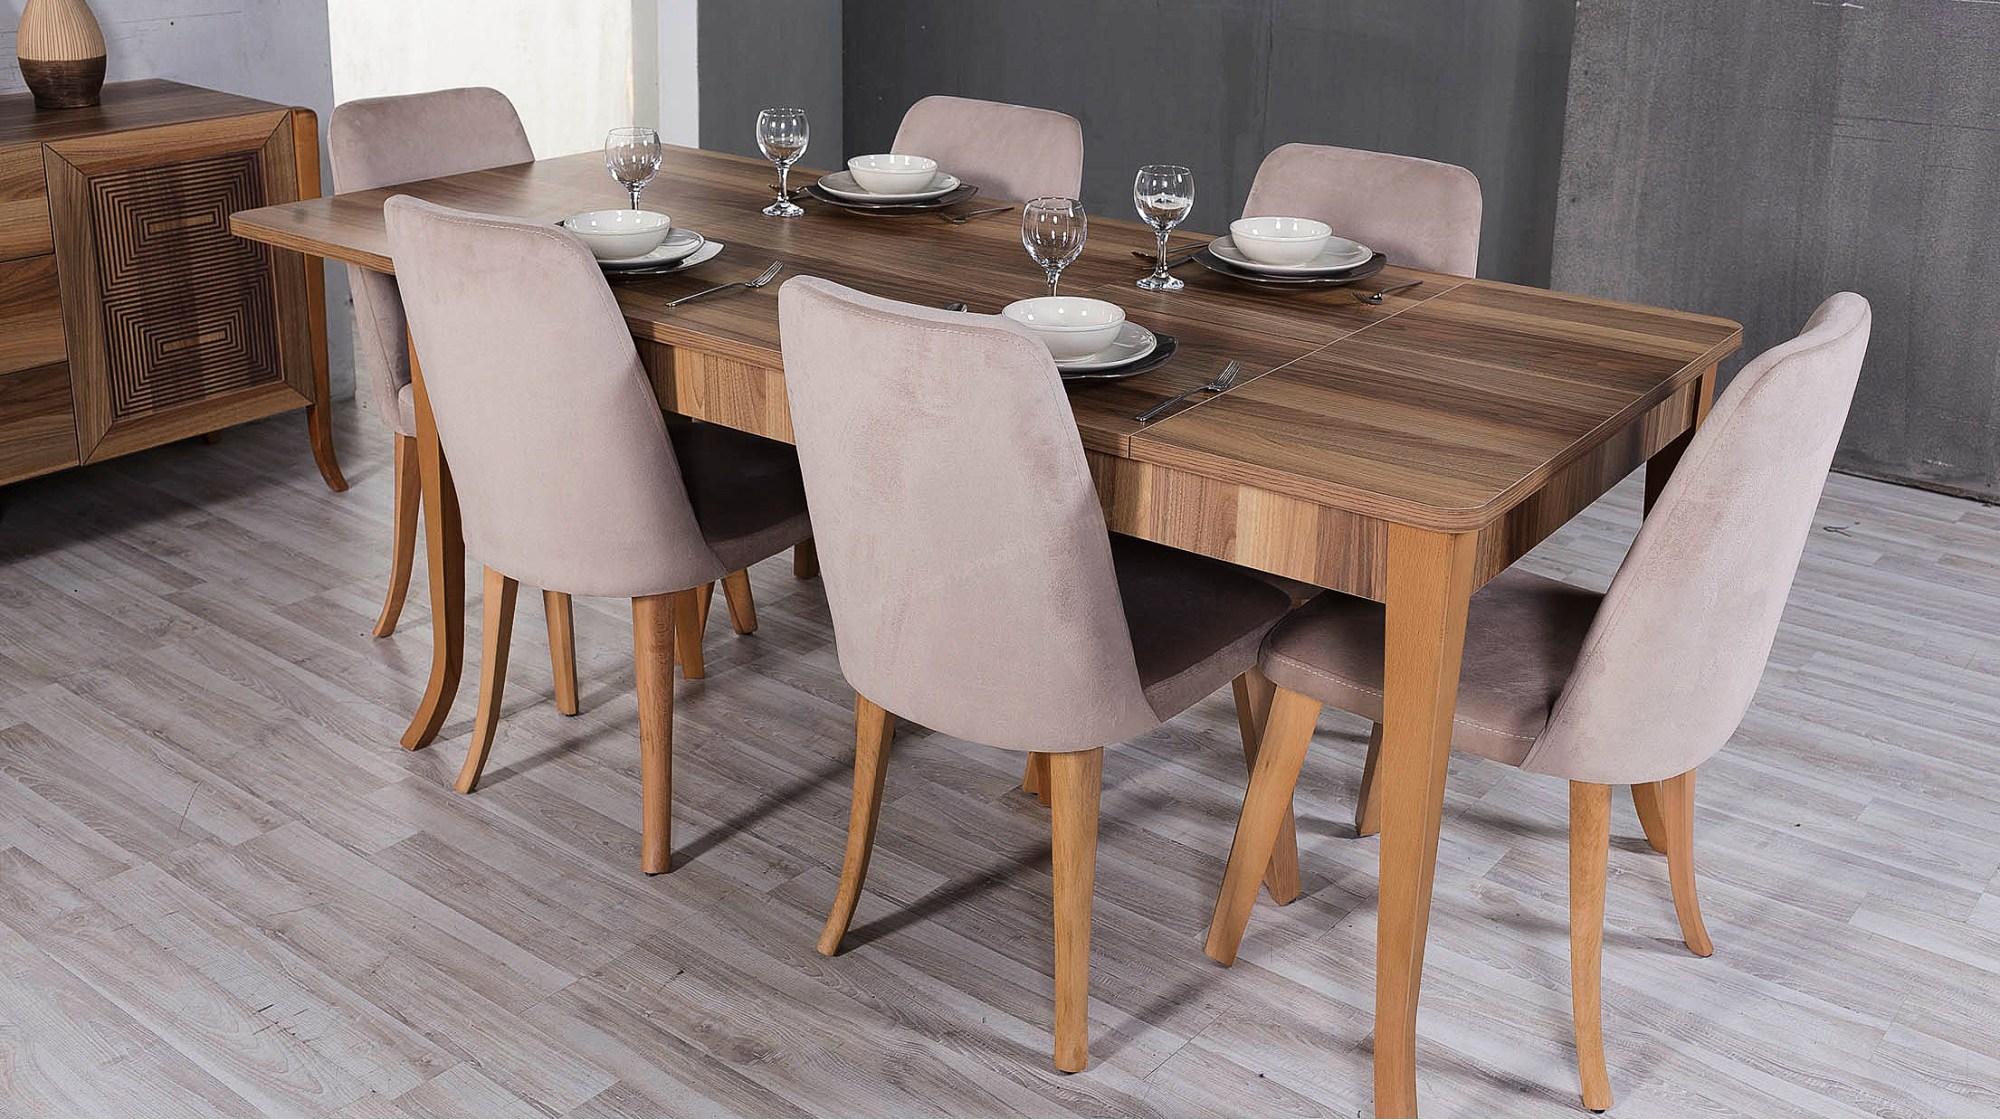 İnfinity retro yemek masası sandalye - yemek odaları - berke mobilya